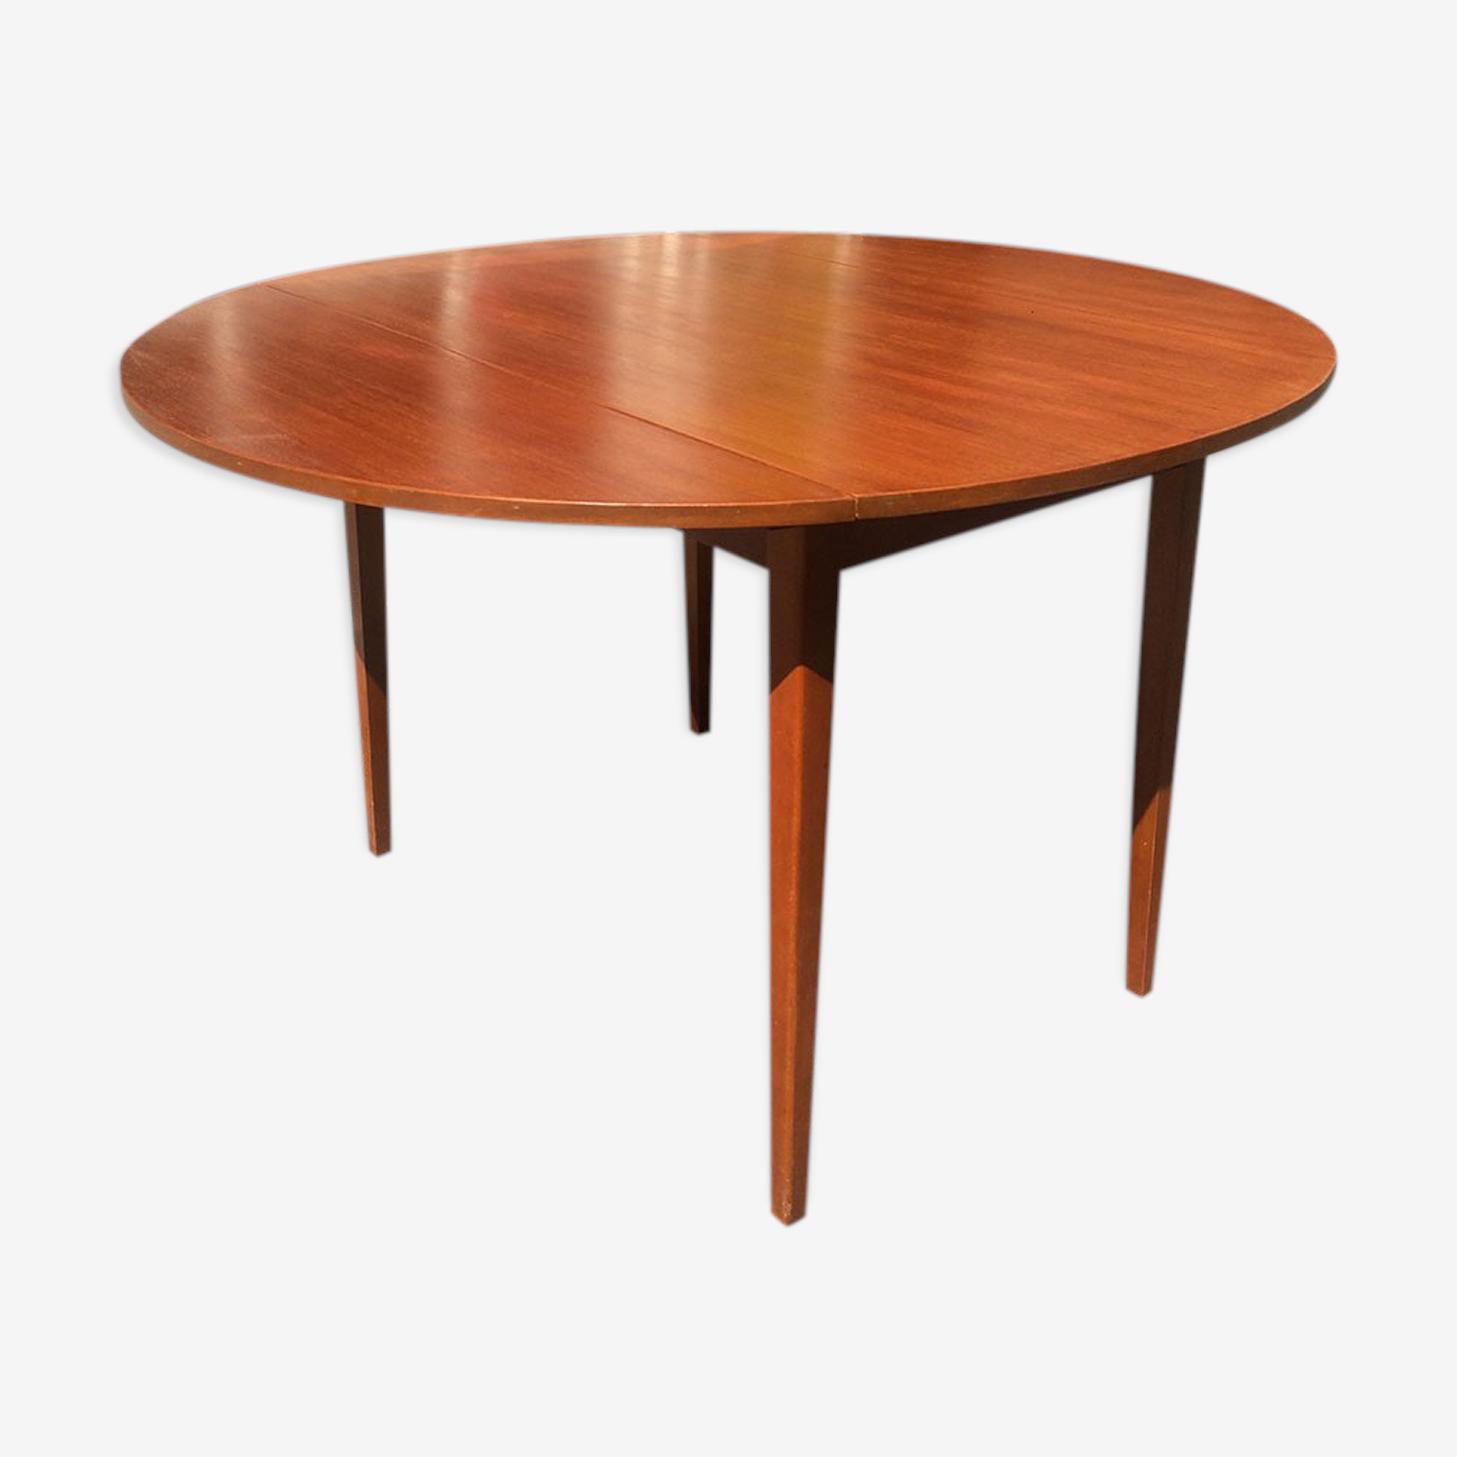 Table console à 2 volets en placage teck 1960